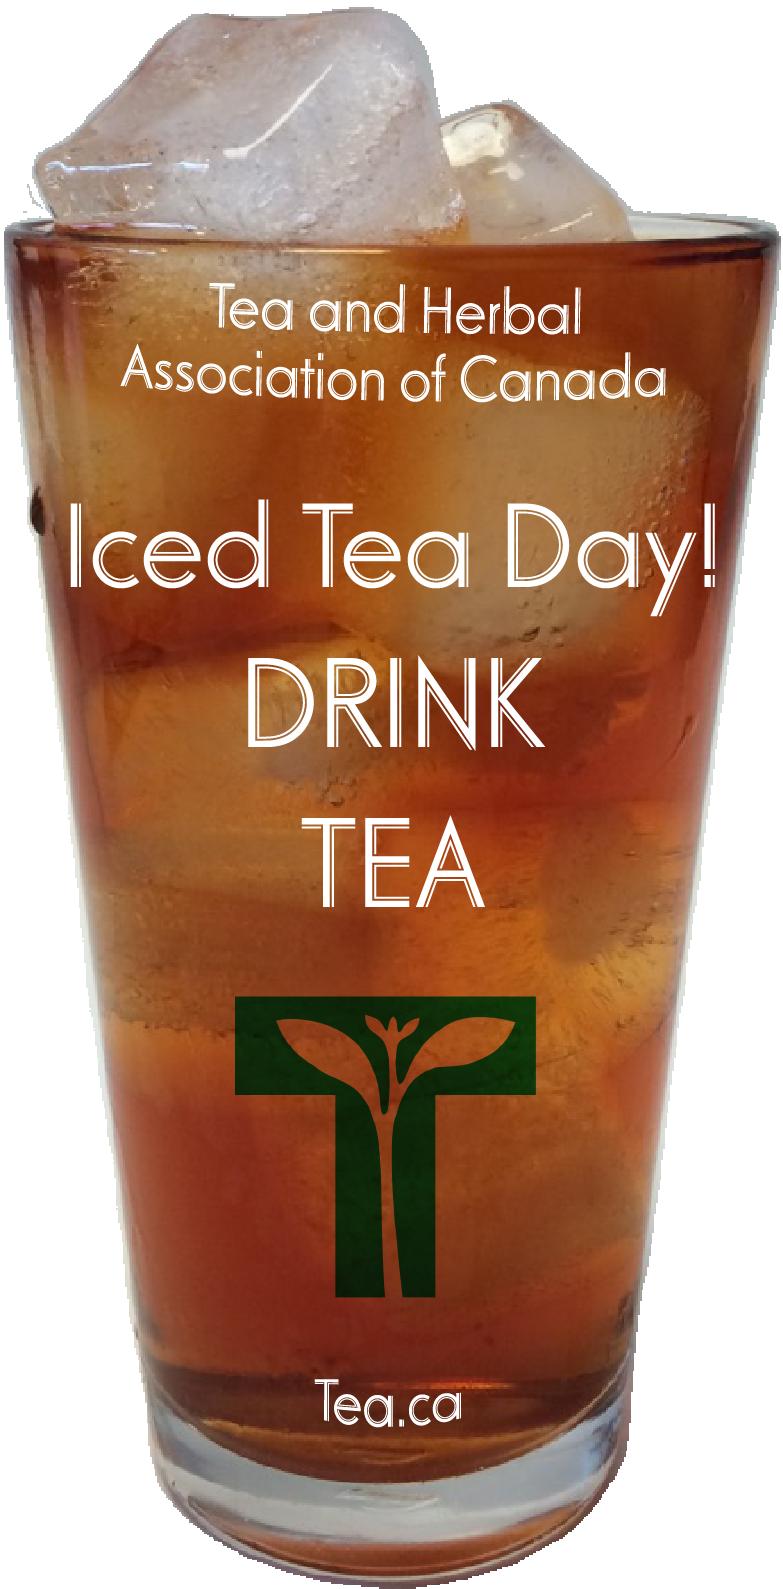 Iced Tea Day! Drink Tea!